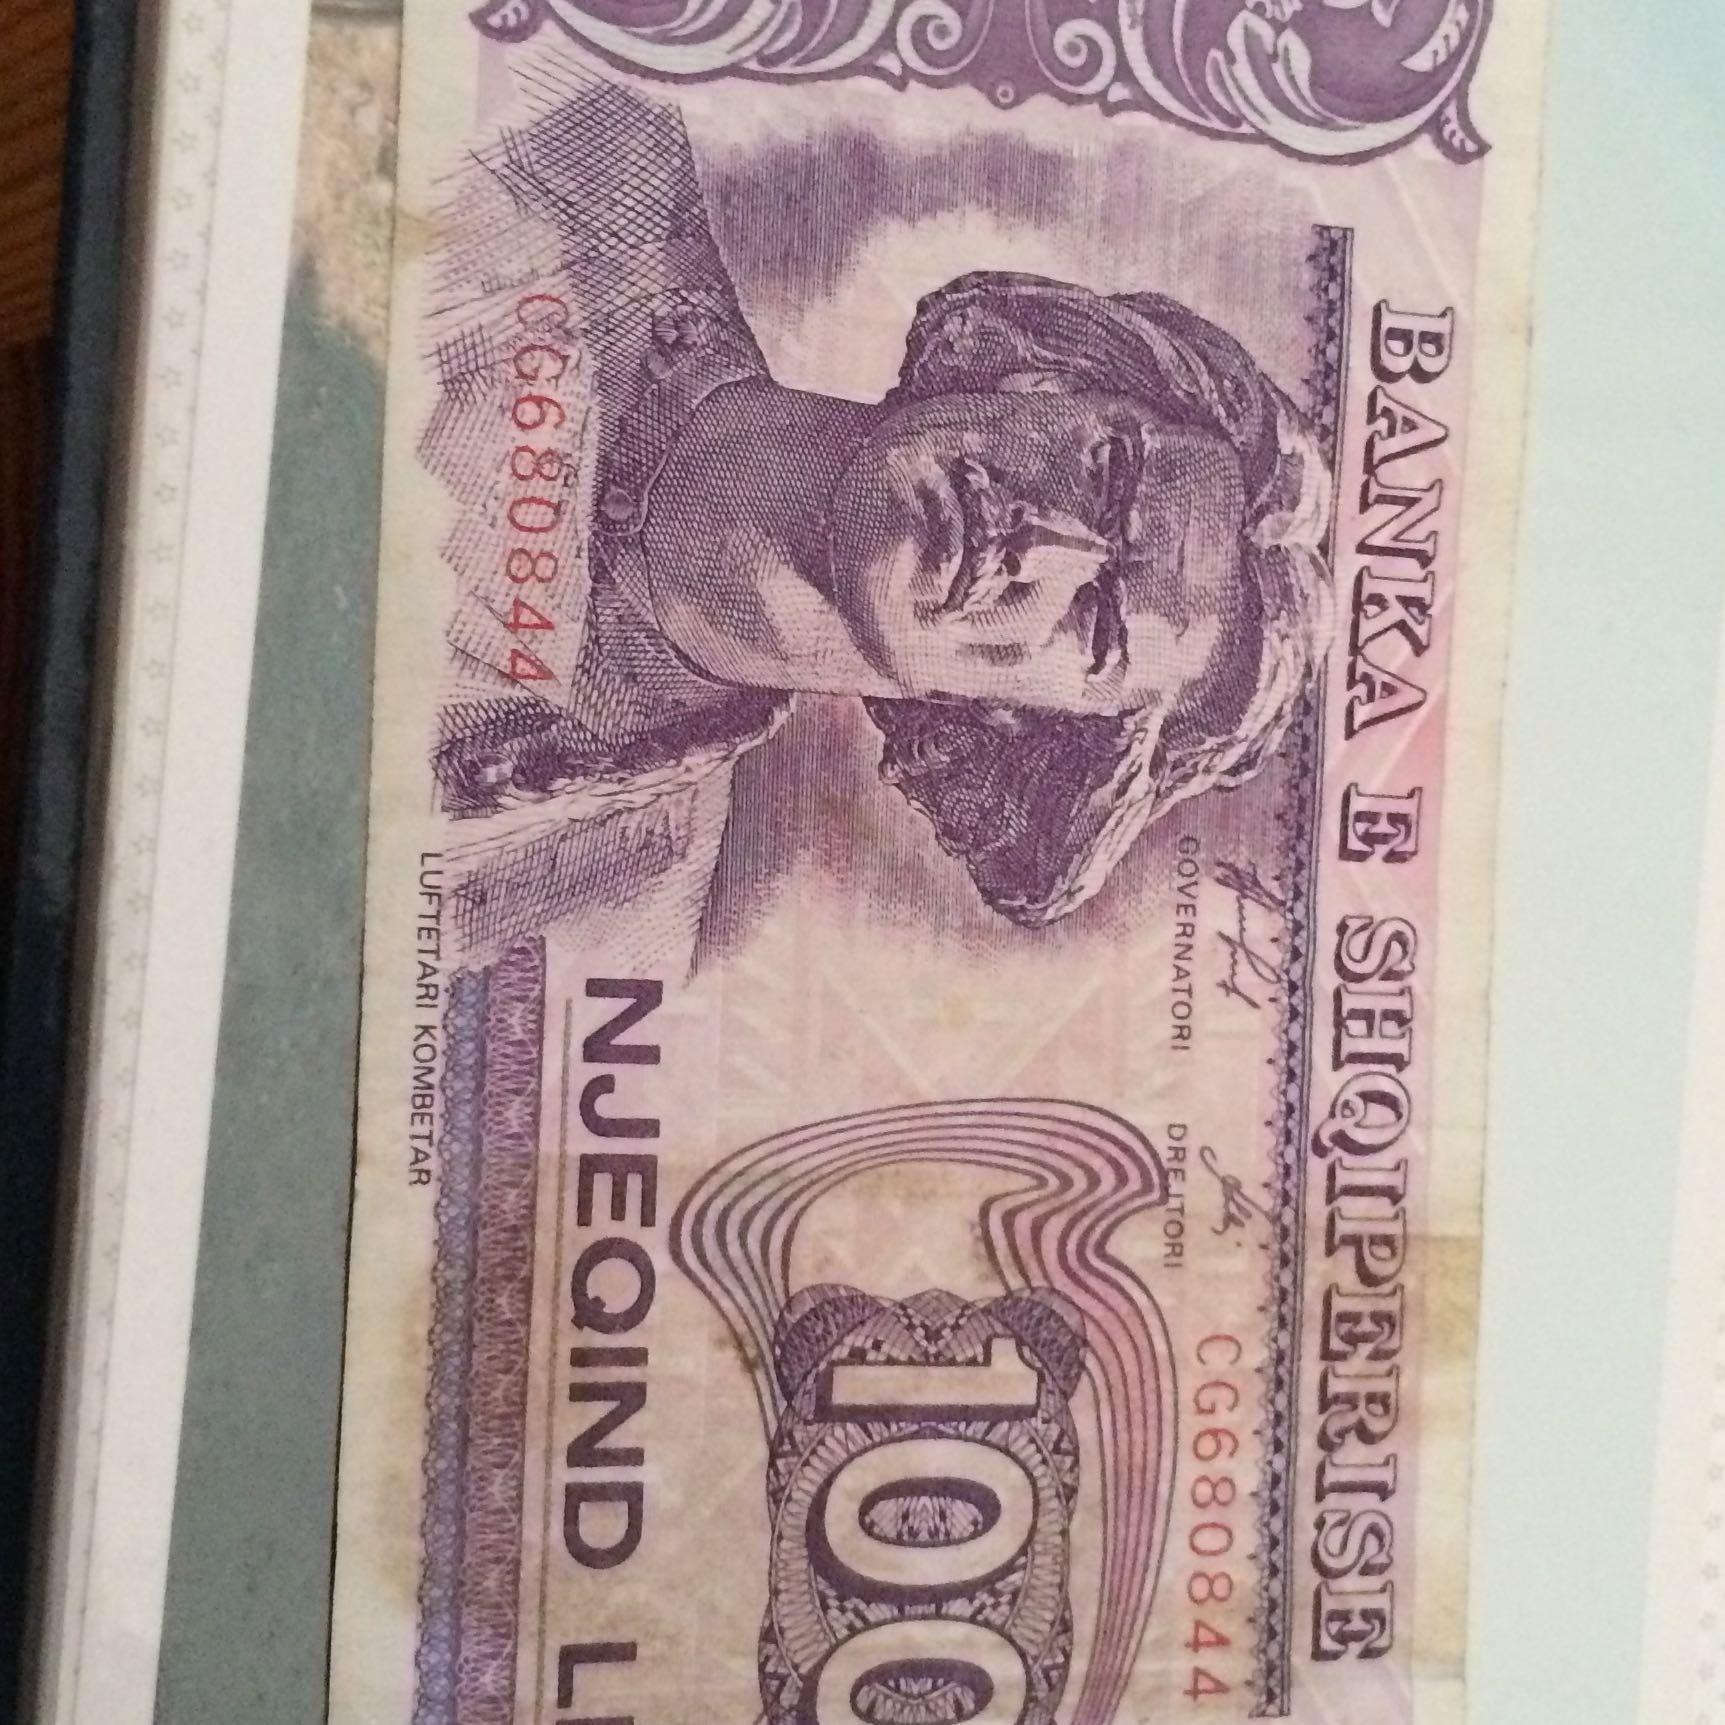 albanische geld währung